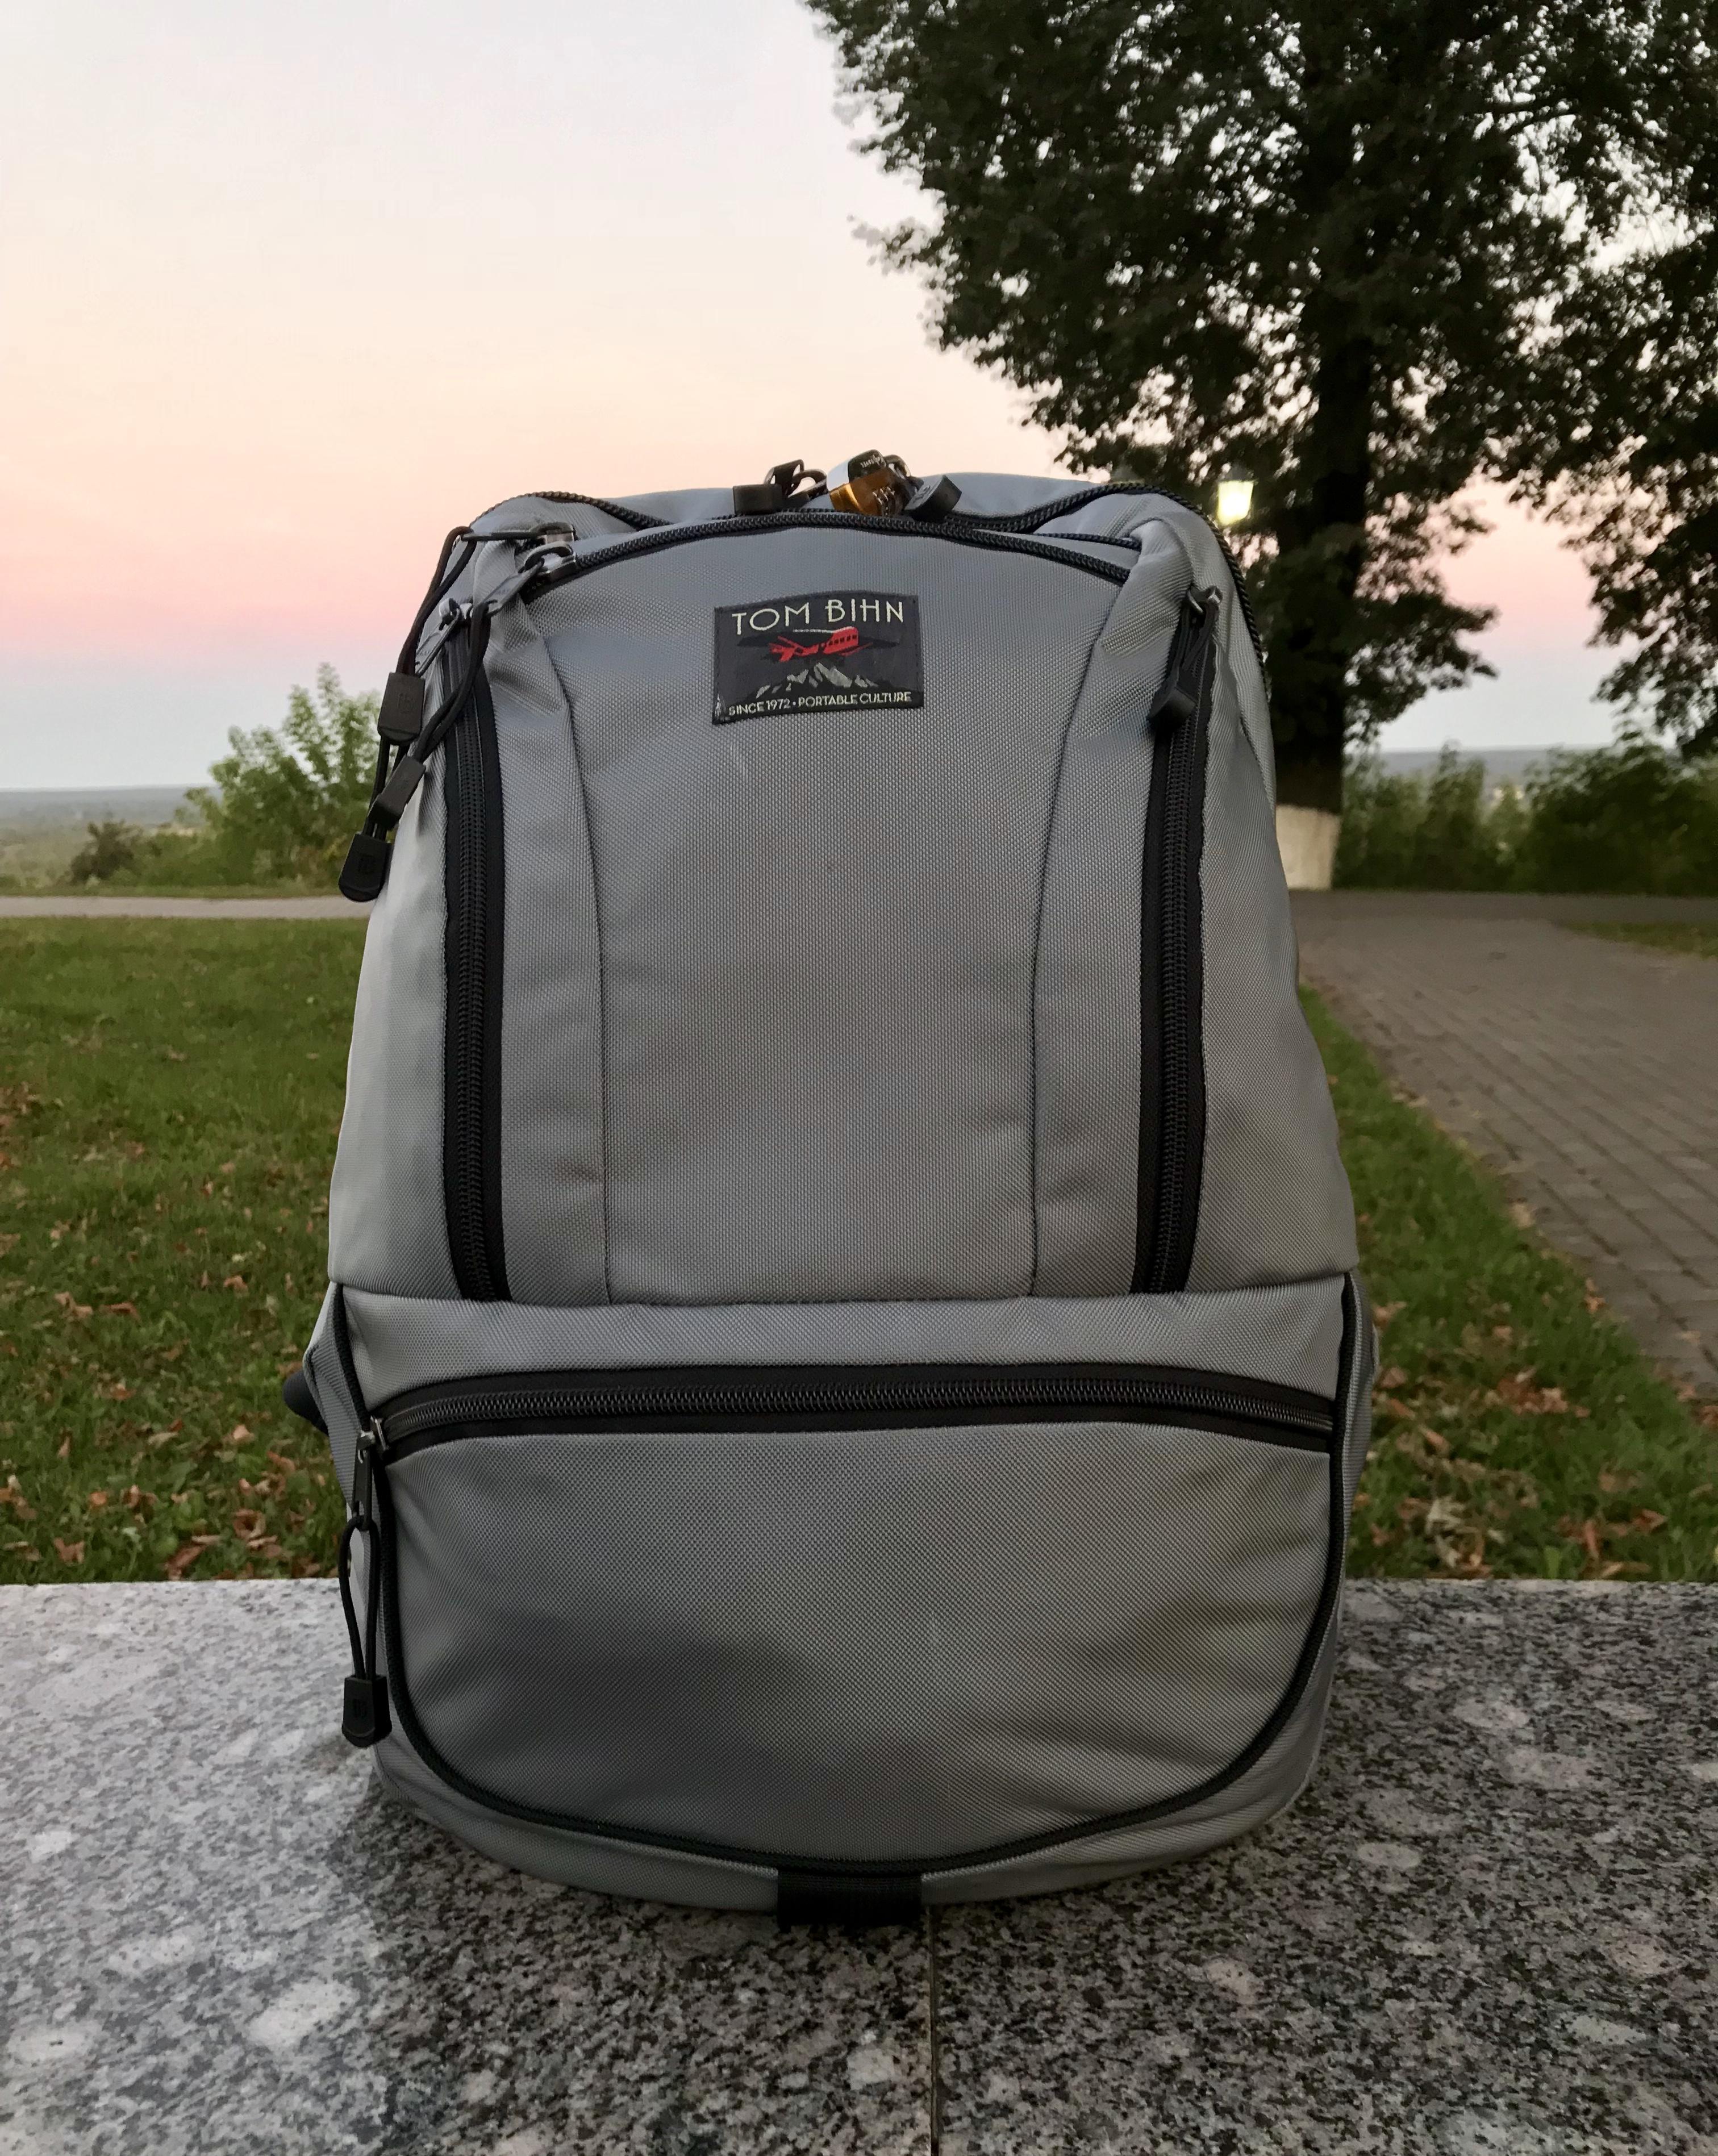 One Léger » Bag Travel Voyager Ou Comment QCoshrdxBt